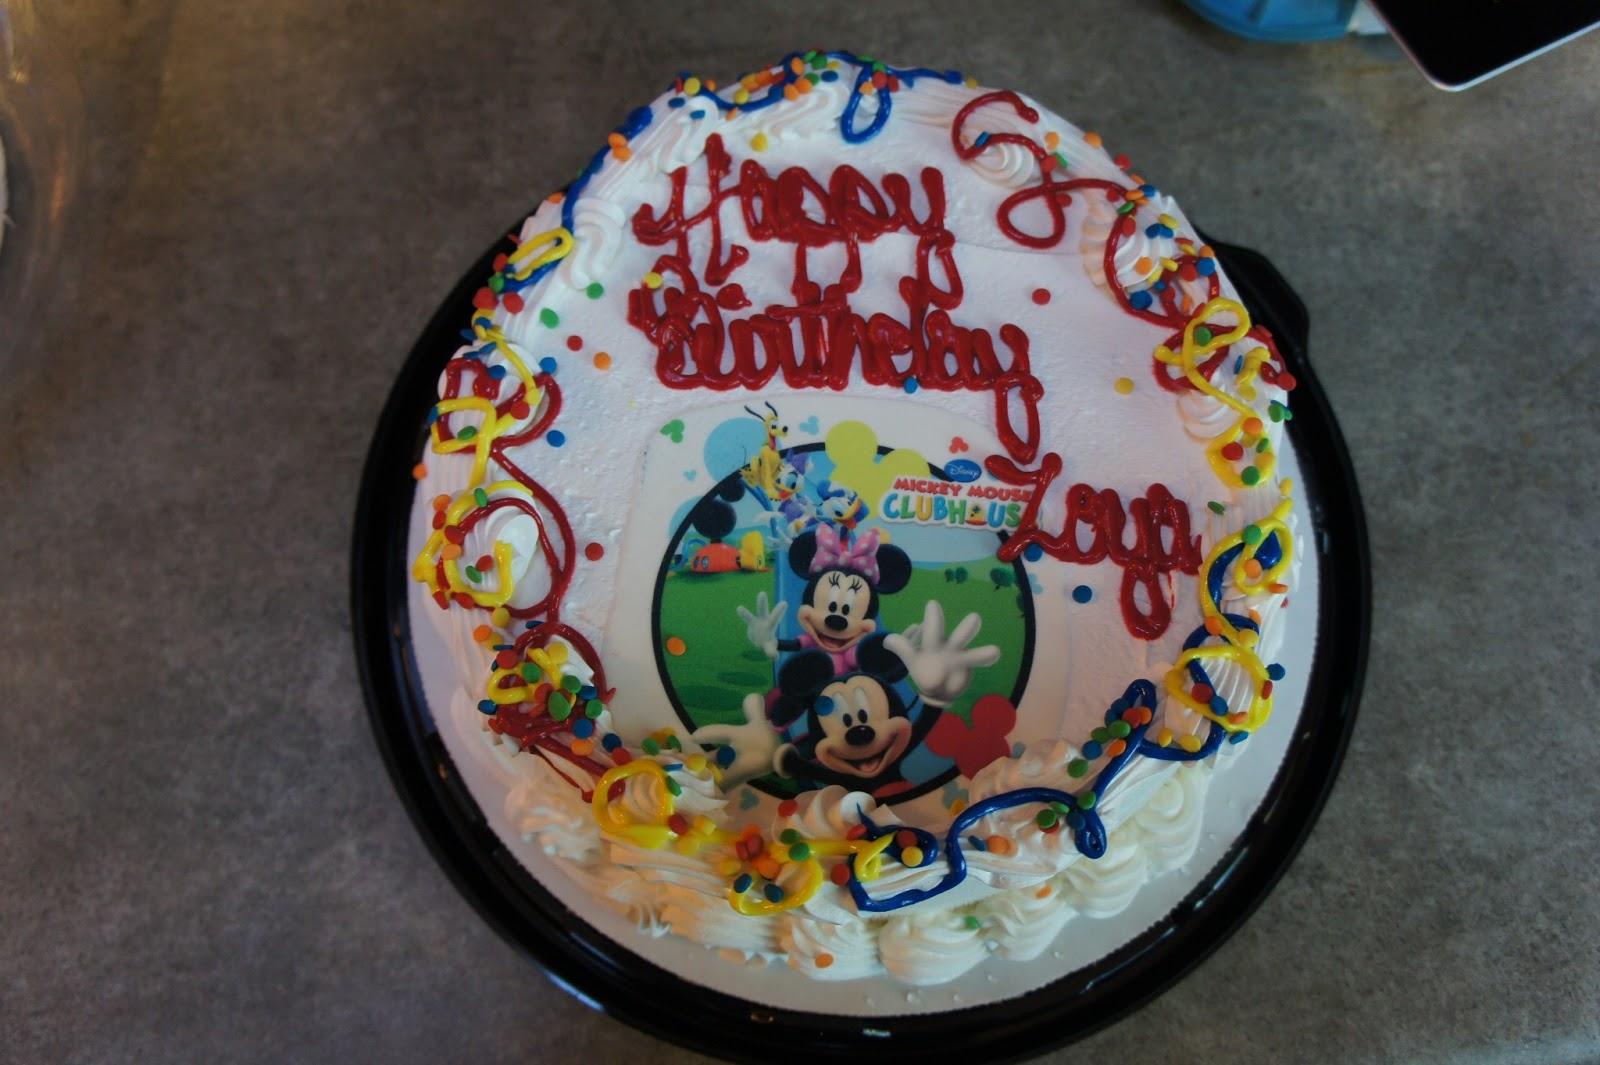 Birthday Cake With Name Zoya ~ Three little bees!: happy 5th birthday zoya!